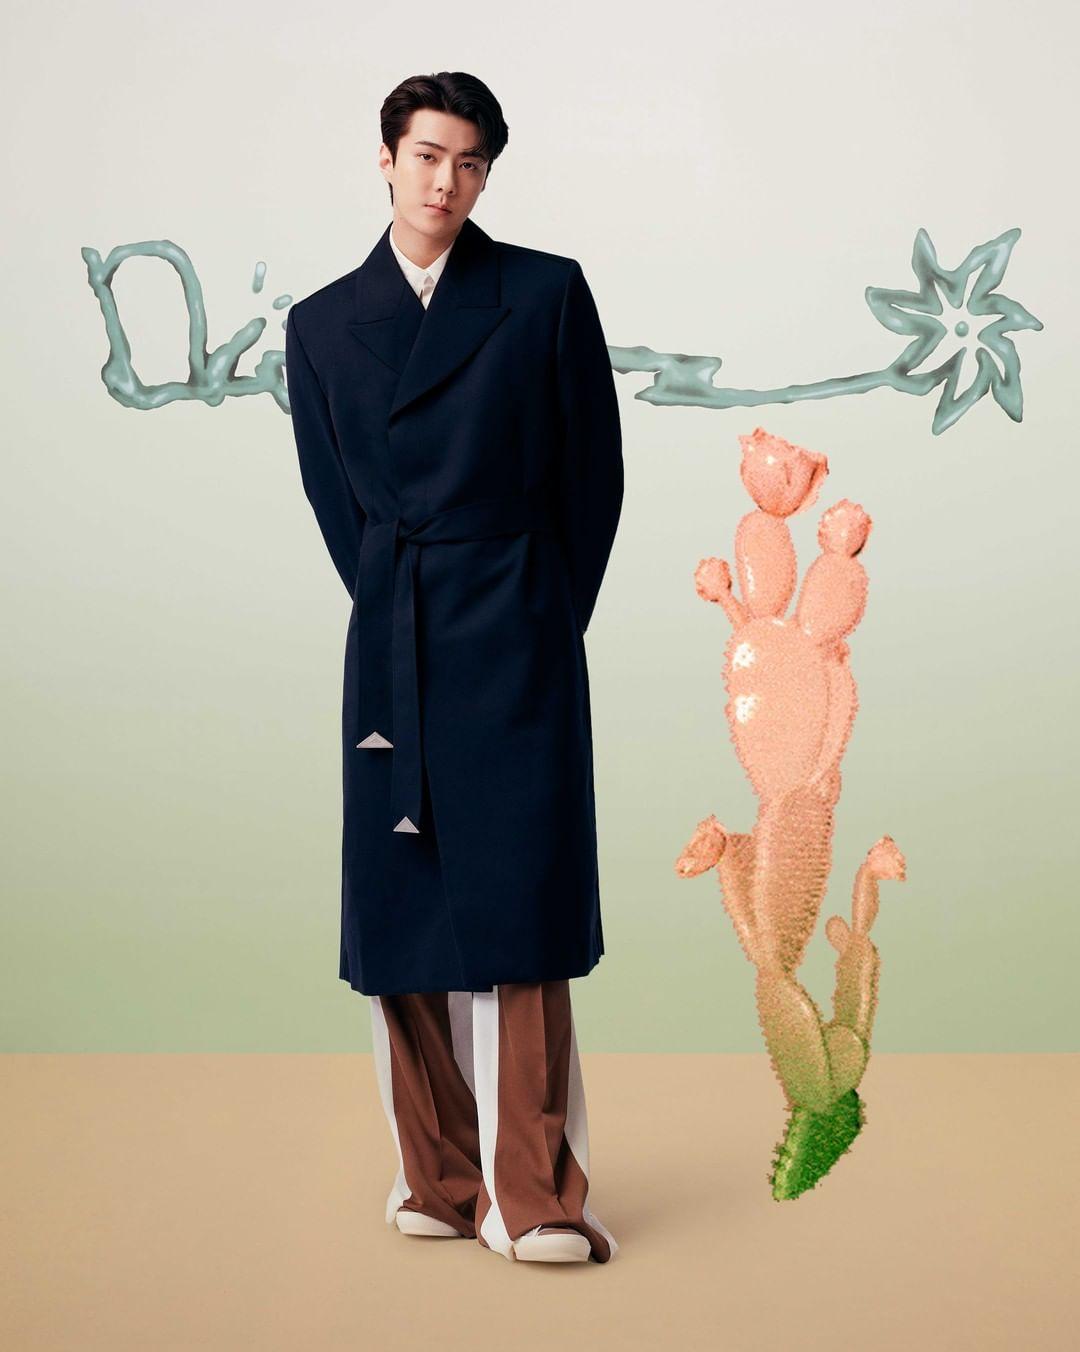 سروال فضفاض من Dior، الصورة من انستغرام ديور